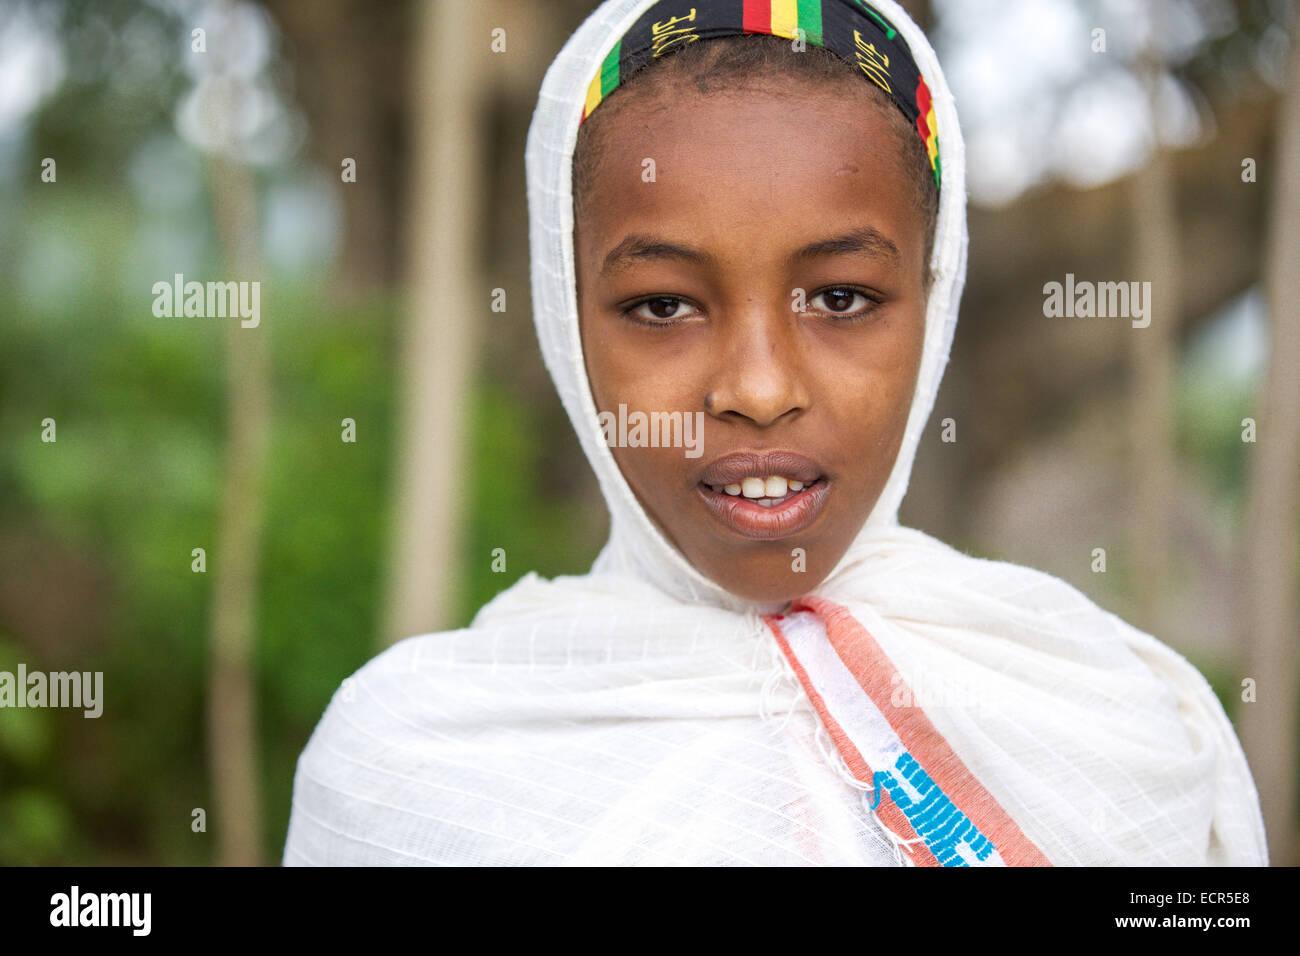 An Ethiopian Orthodox woman traditional dressed in white in Mizan Teferi, Ethiopia 18 May 2014. Southwestern Ethiopia. Stock Photo